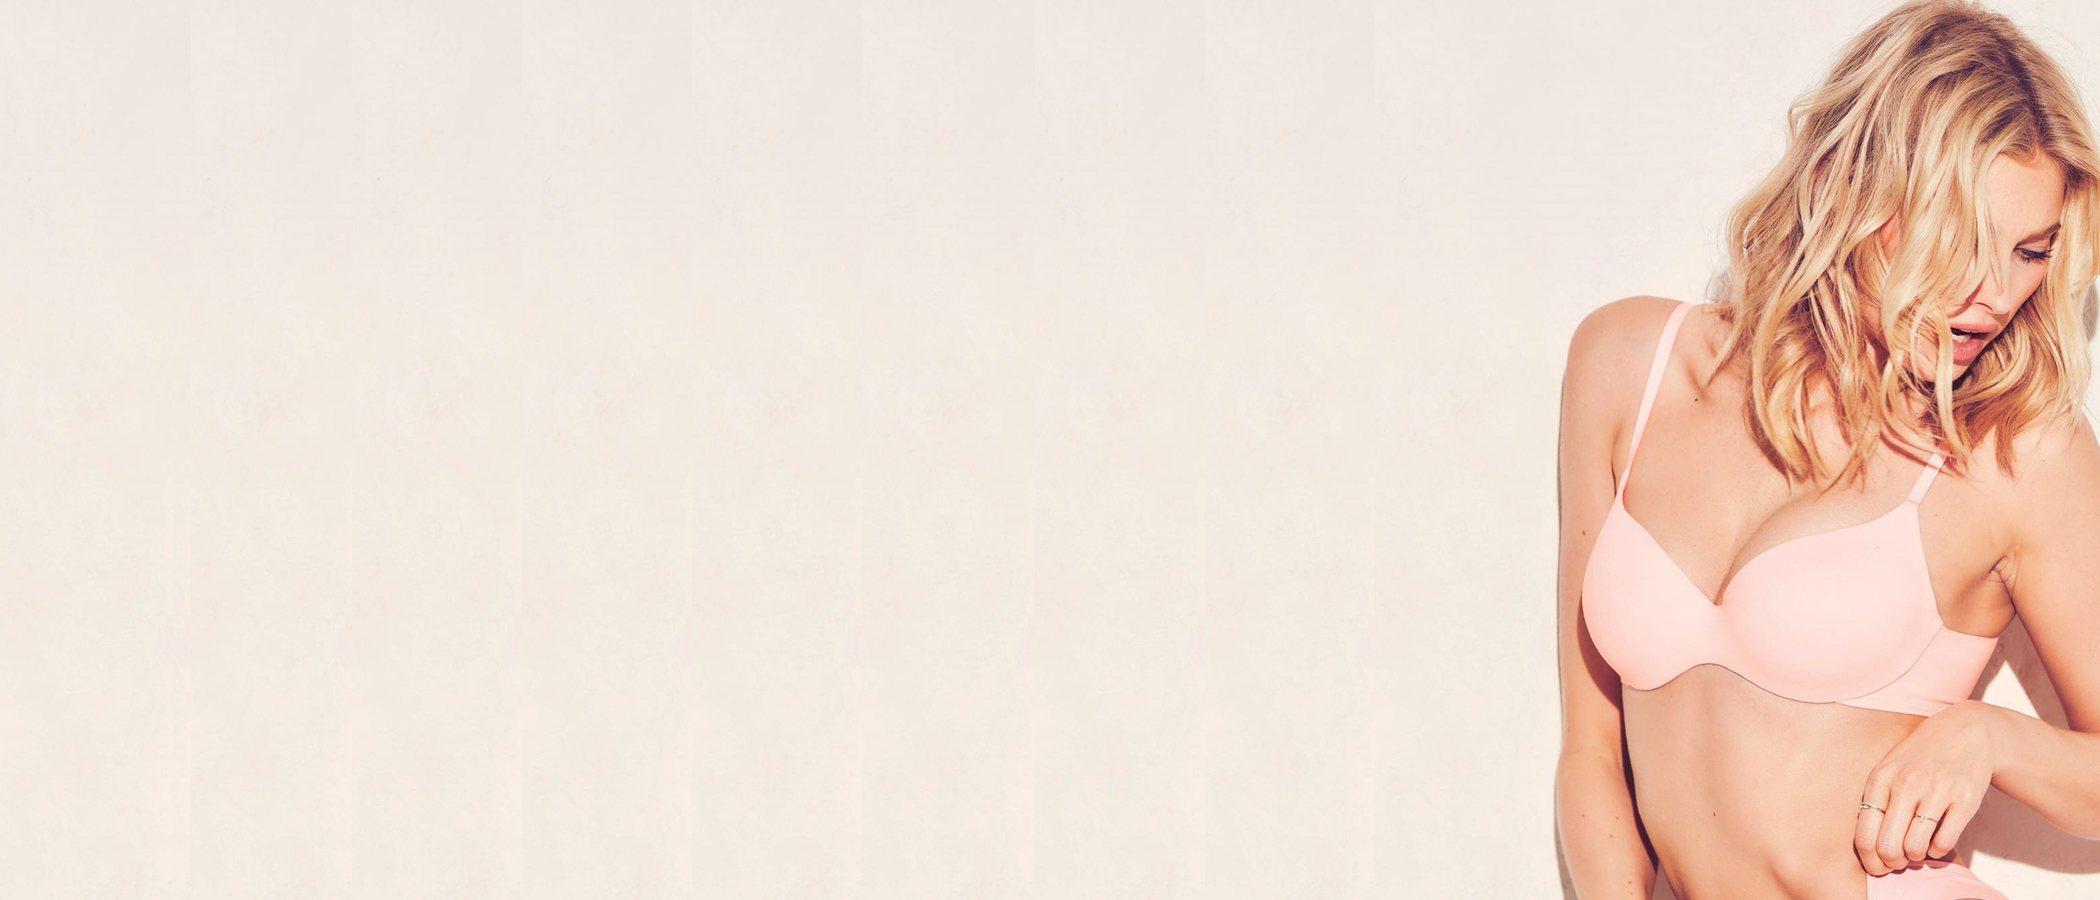 Copas de sujetador: cómo elegir la talla de sostén adecuada